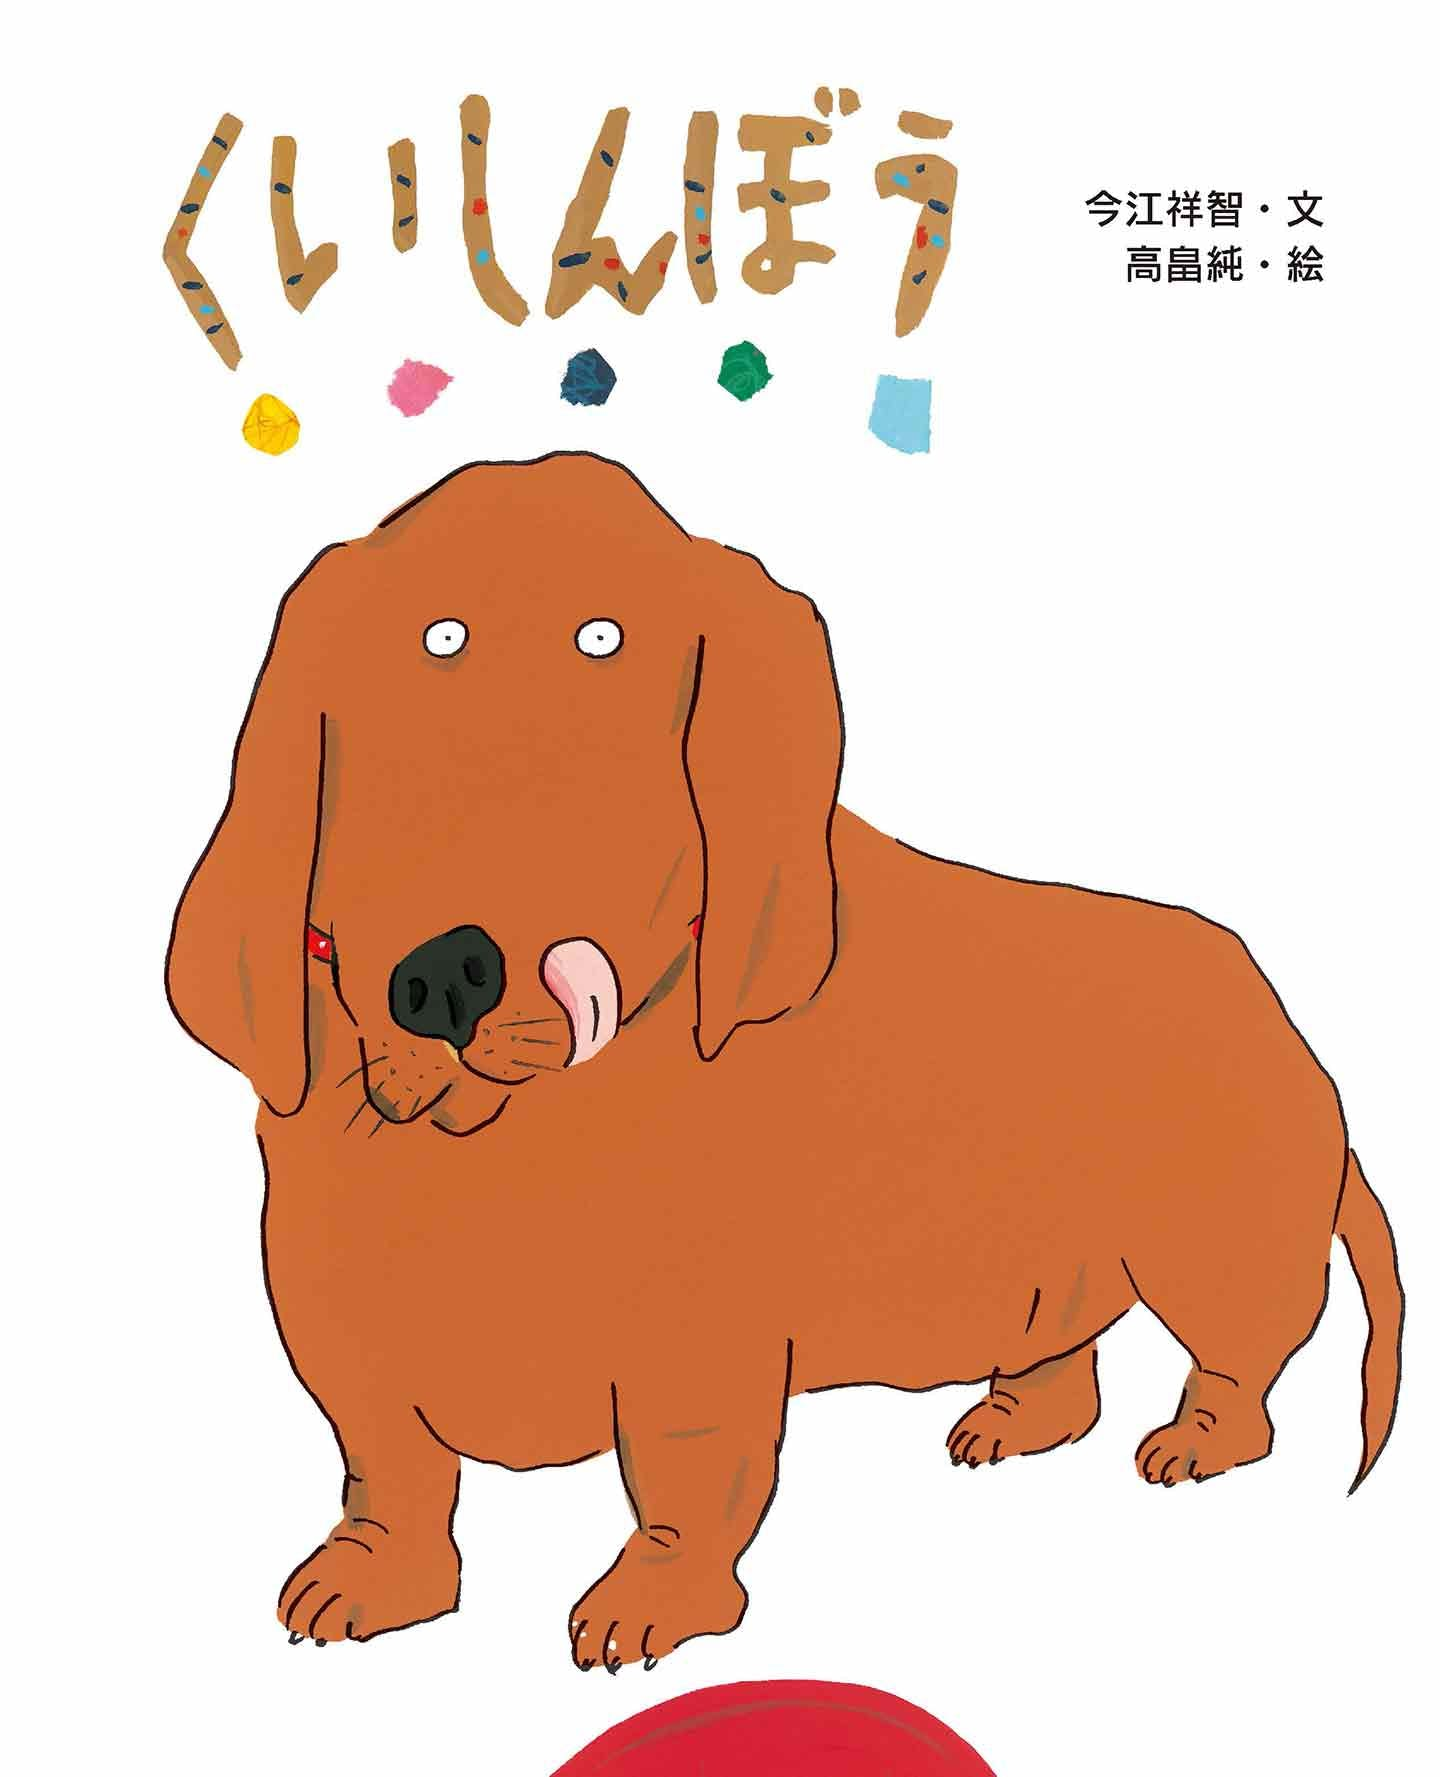 犬の絵本 『くいしんぼう』今江 祥智 (文),高畠 純 (絵)文研出版